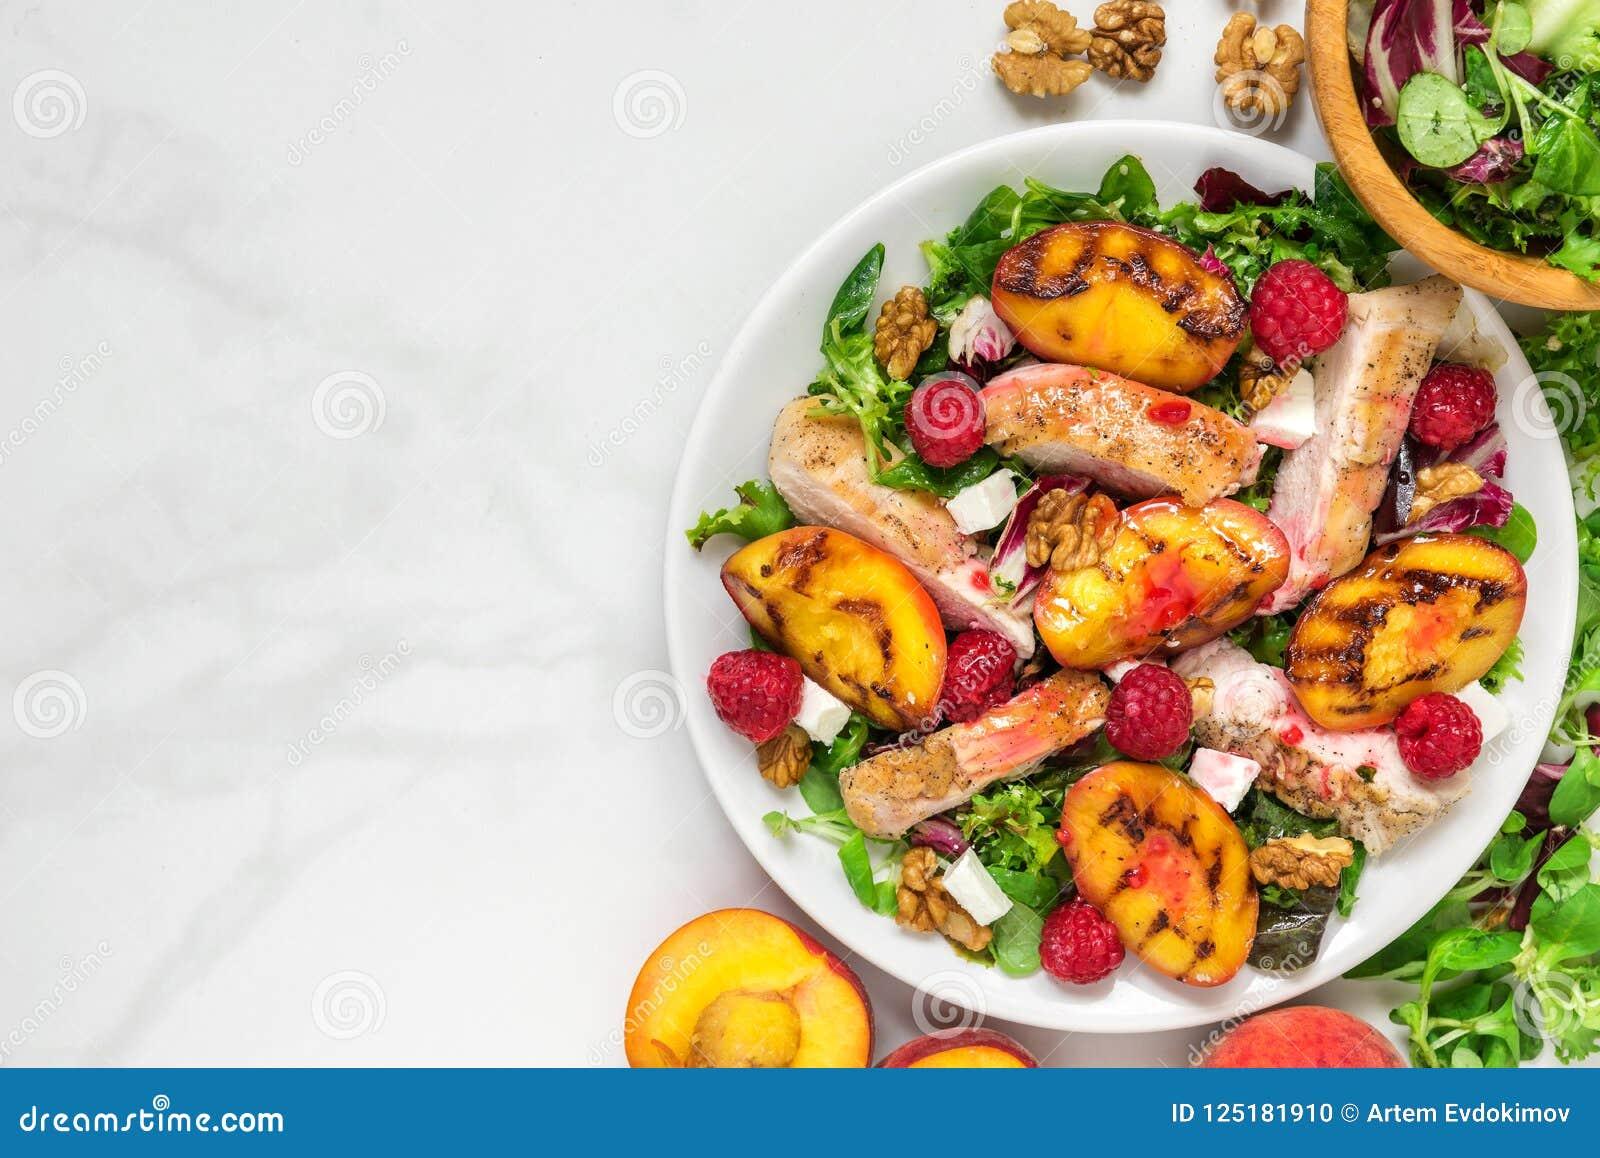 Geflügelsalat mit gegrilltem Pfirsich, Mischsalat, Feta, Himbeeren und Walnüsse in einer Platte Gesunde Nahrung Beschneidungspfad